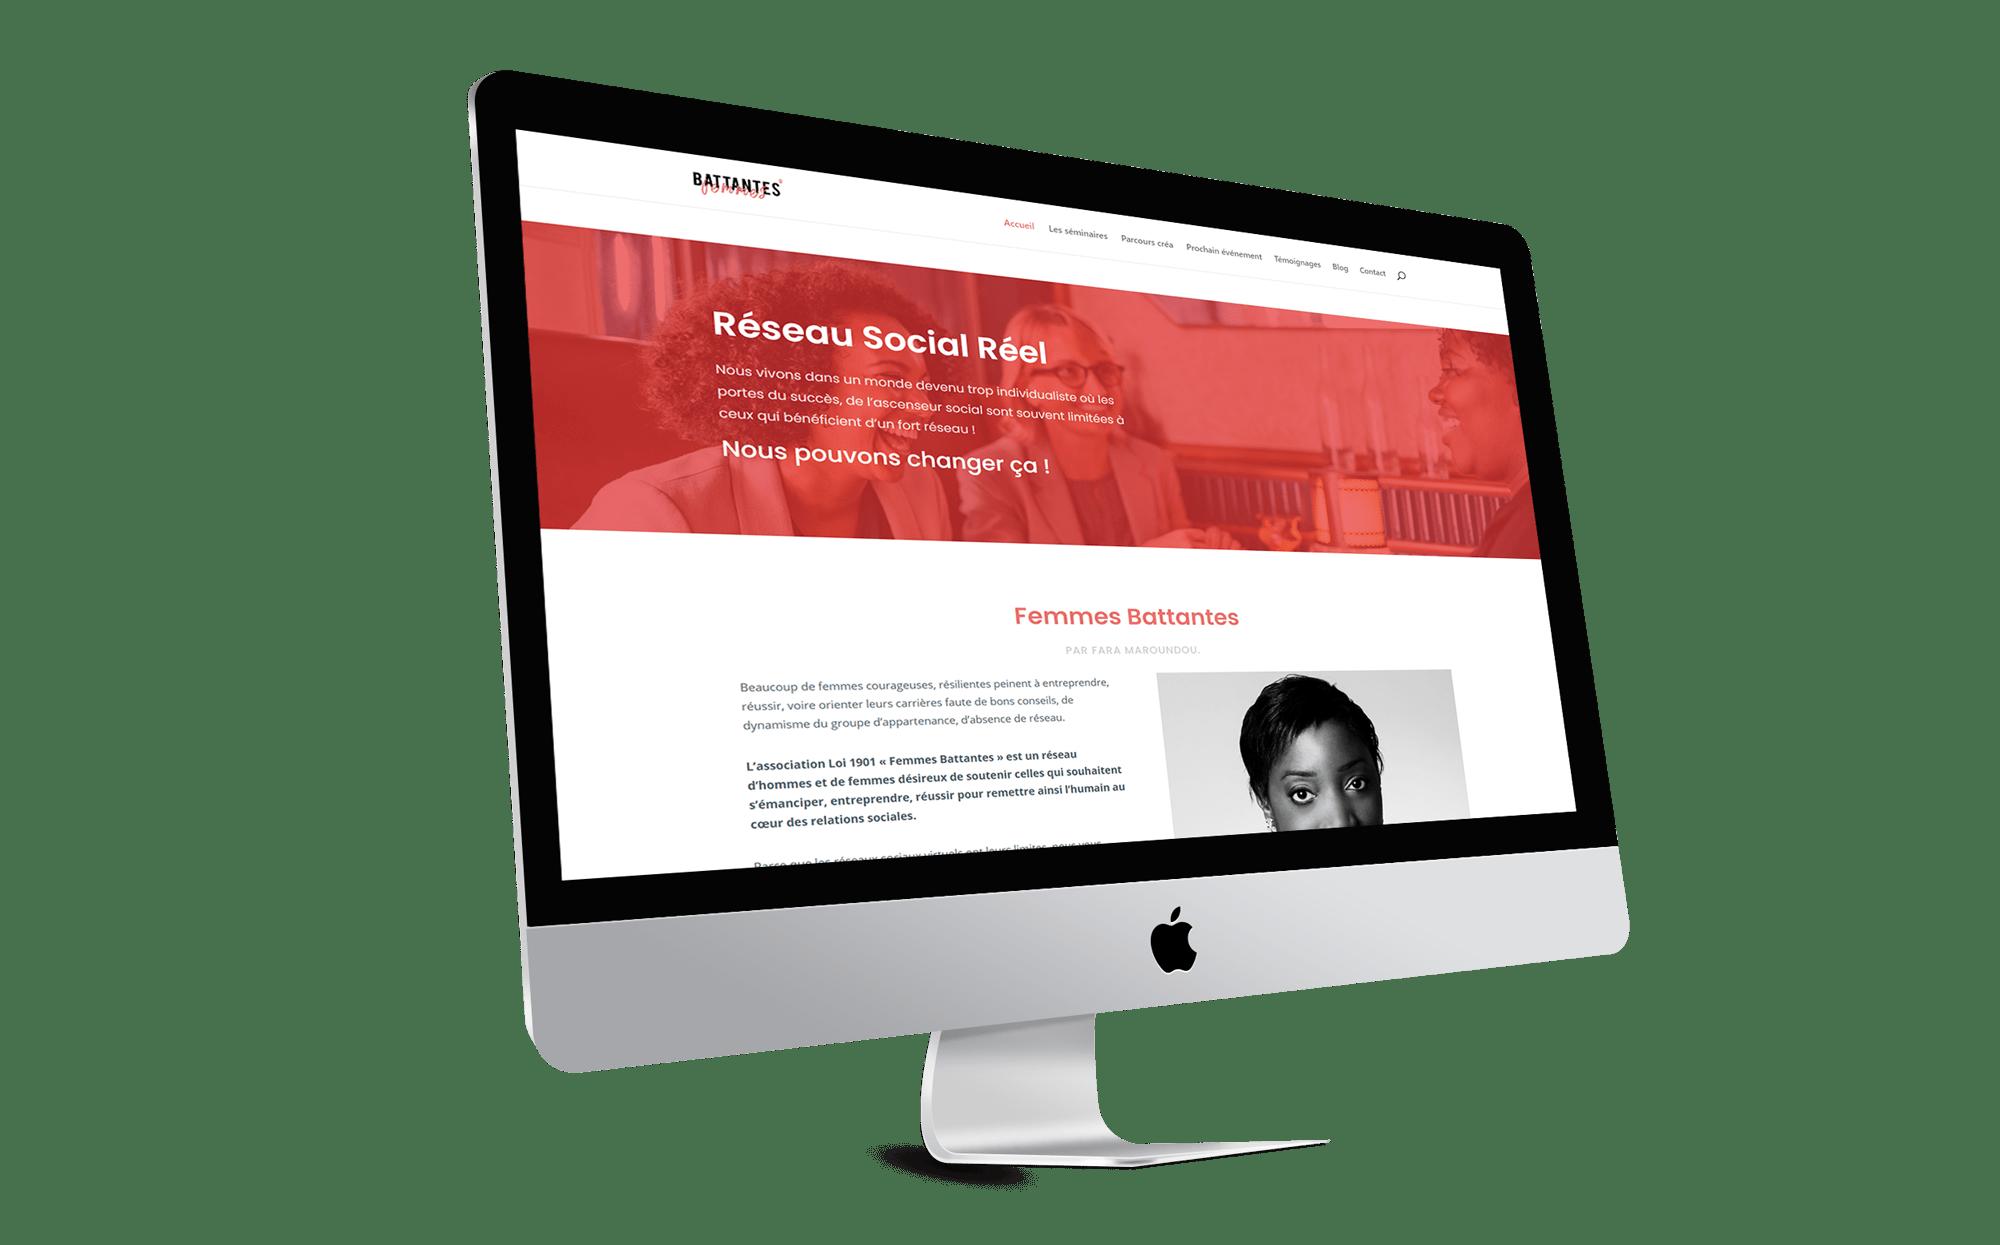 femmes-battantes-creation-site-internet-développement-web